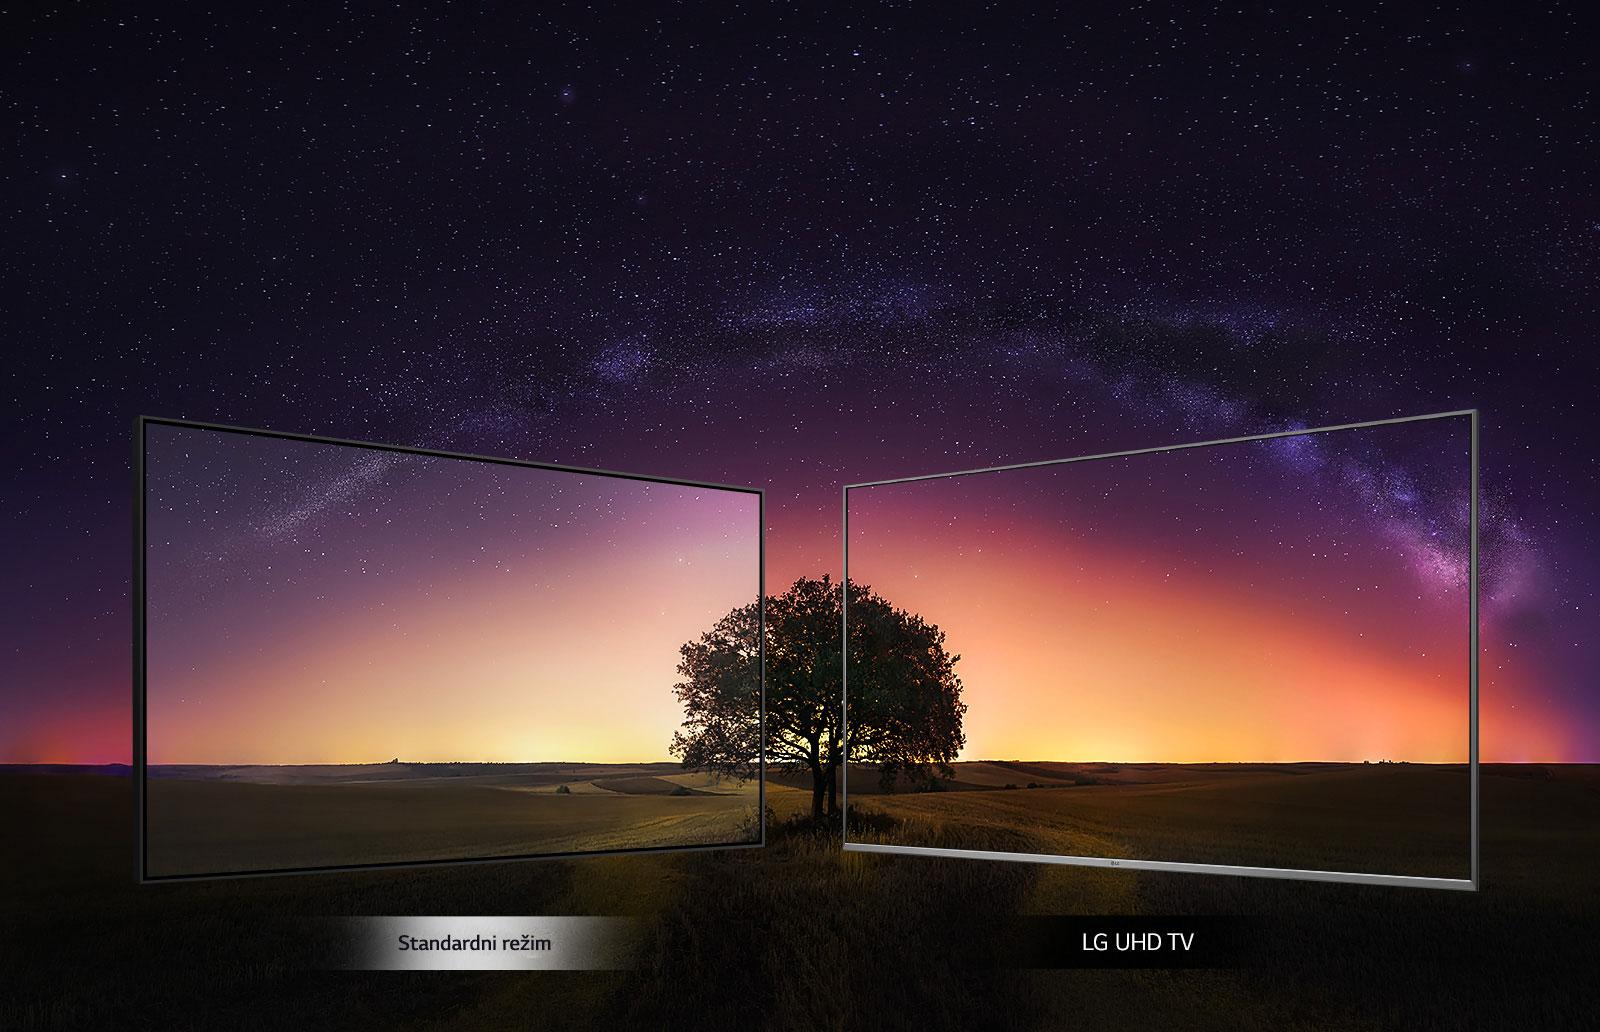 TV-UHD-UM74-A-03-Wide-Viewing-Angle-Desktop-v1